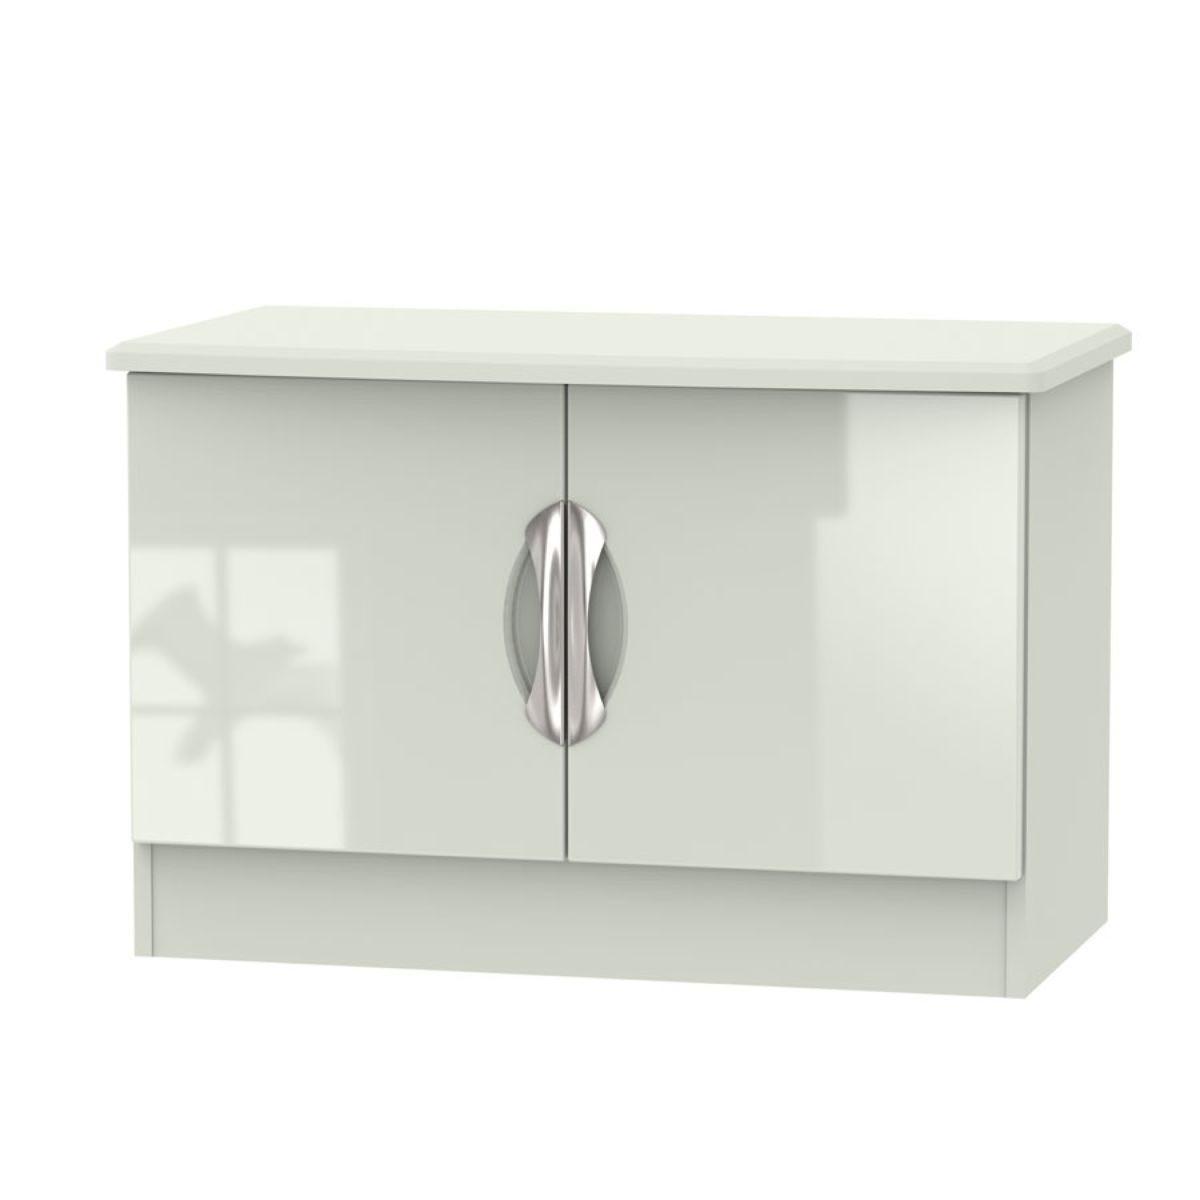 Indices Double Door Short Sideboard Unit - Beige